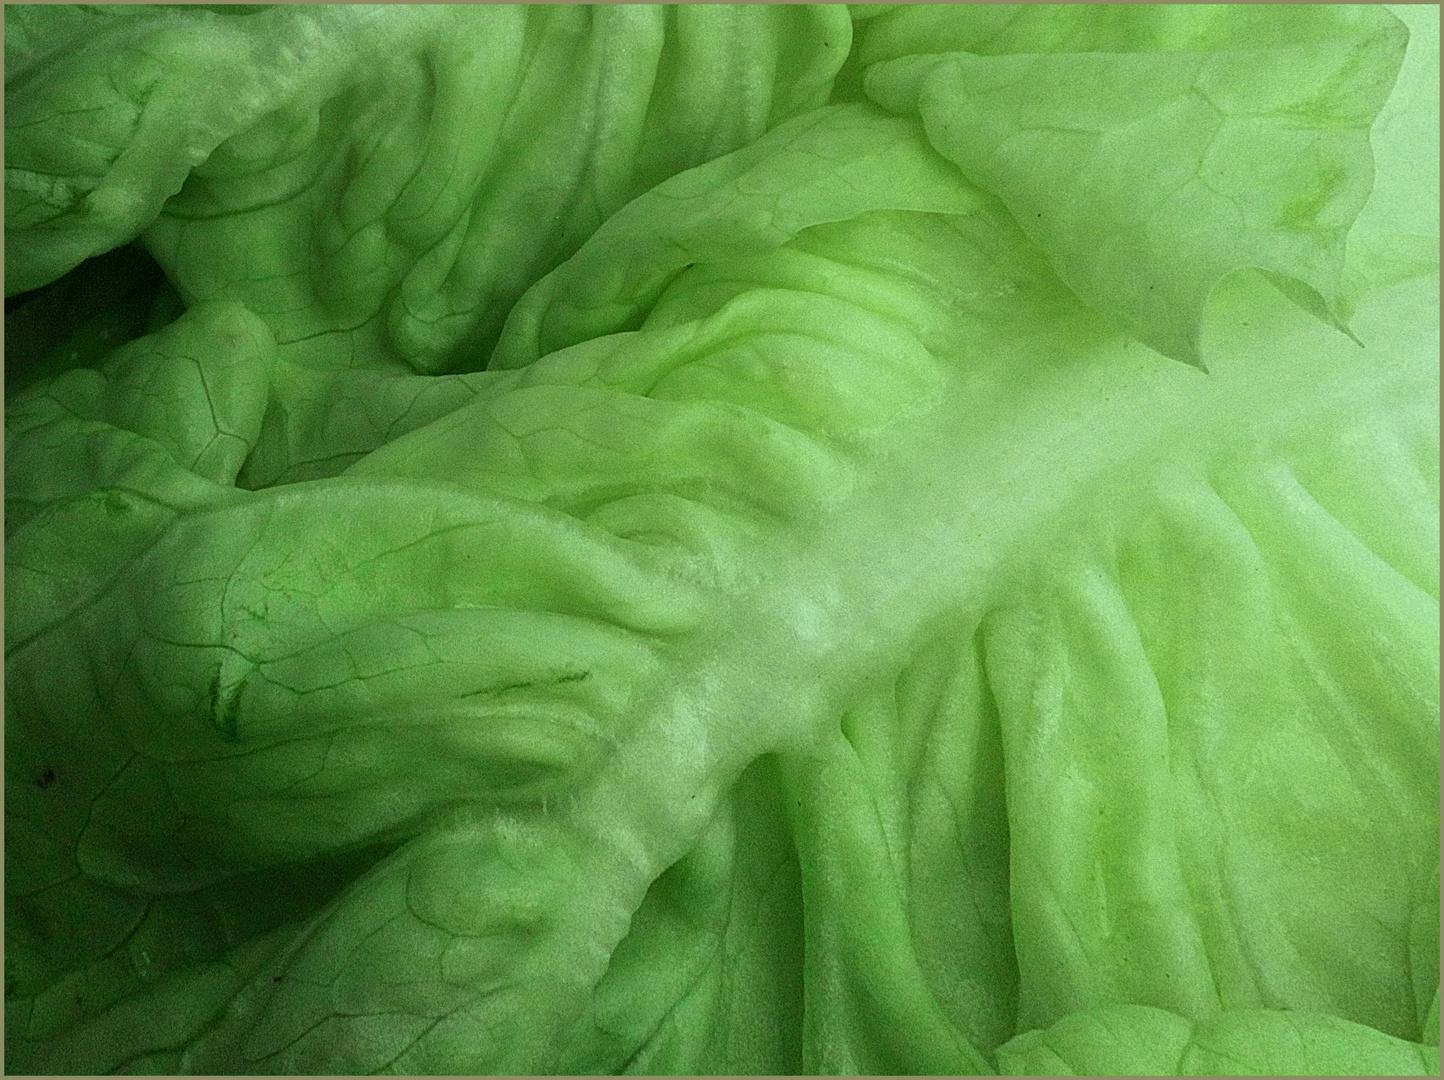 Bio Salat Grün Für Rubie Foto Bild Art Nature Photography